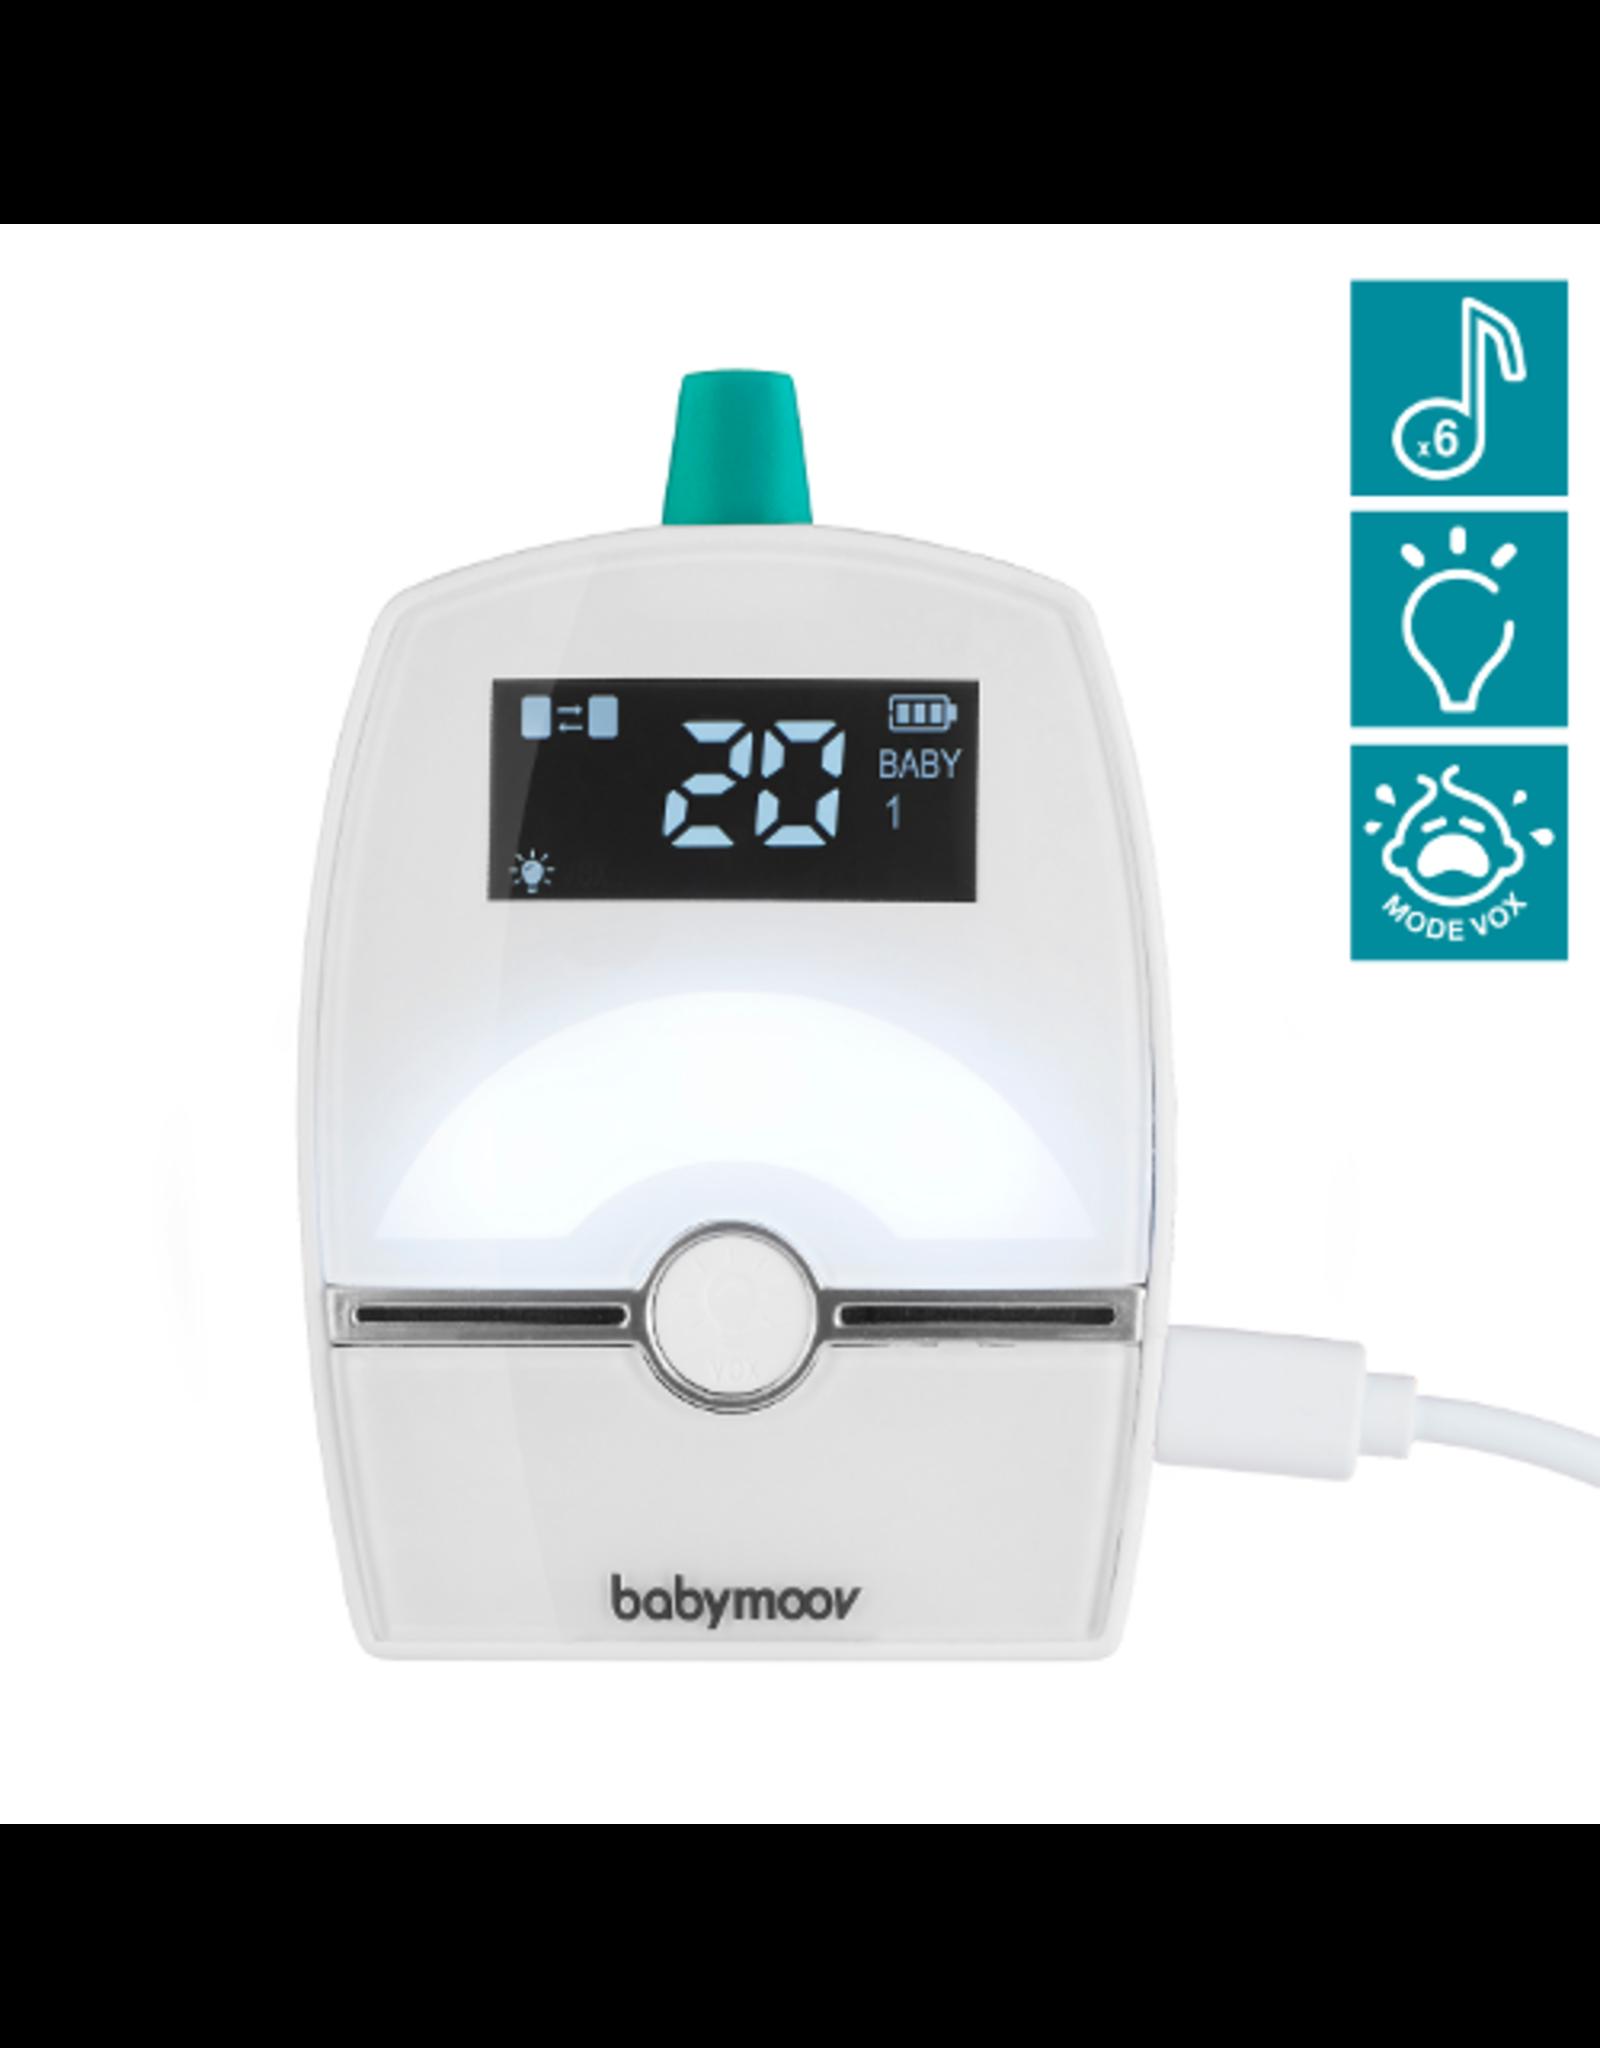 Babymoov Babymoov Babyfoon Premium Care - 1400m